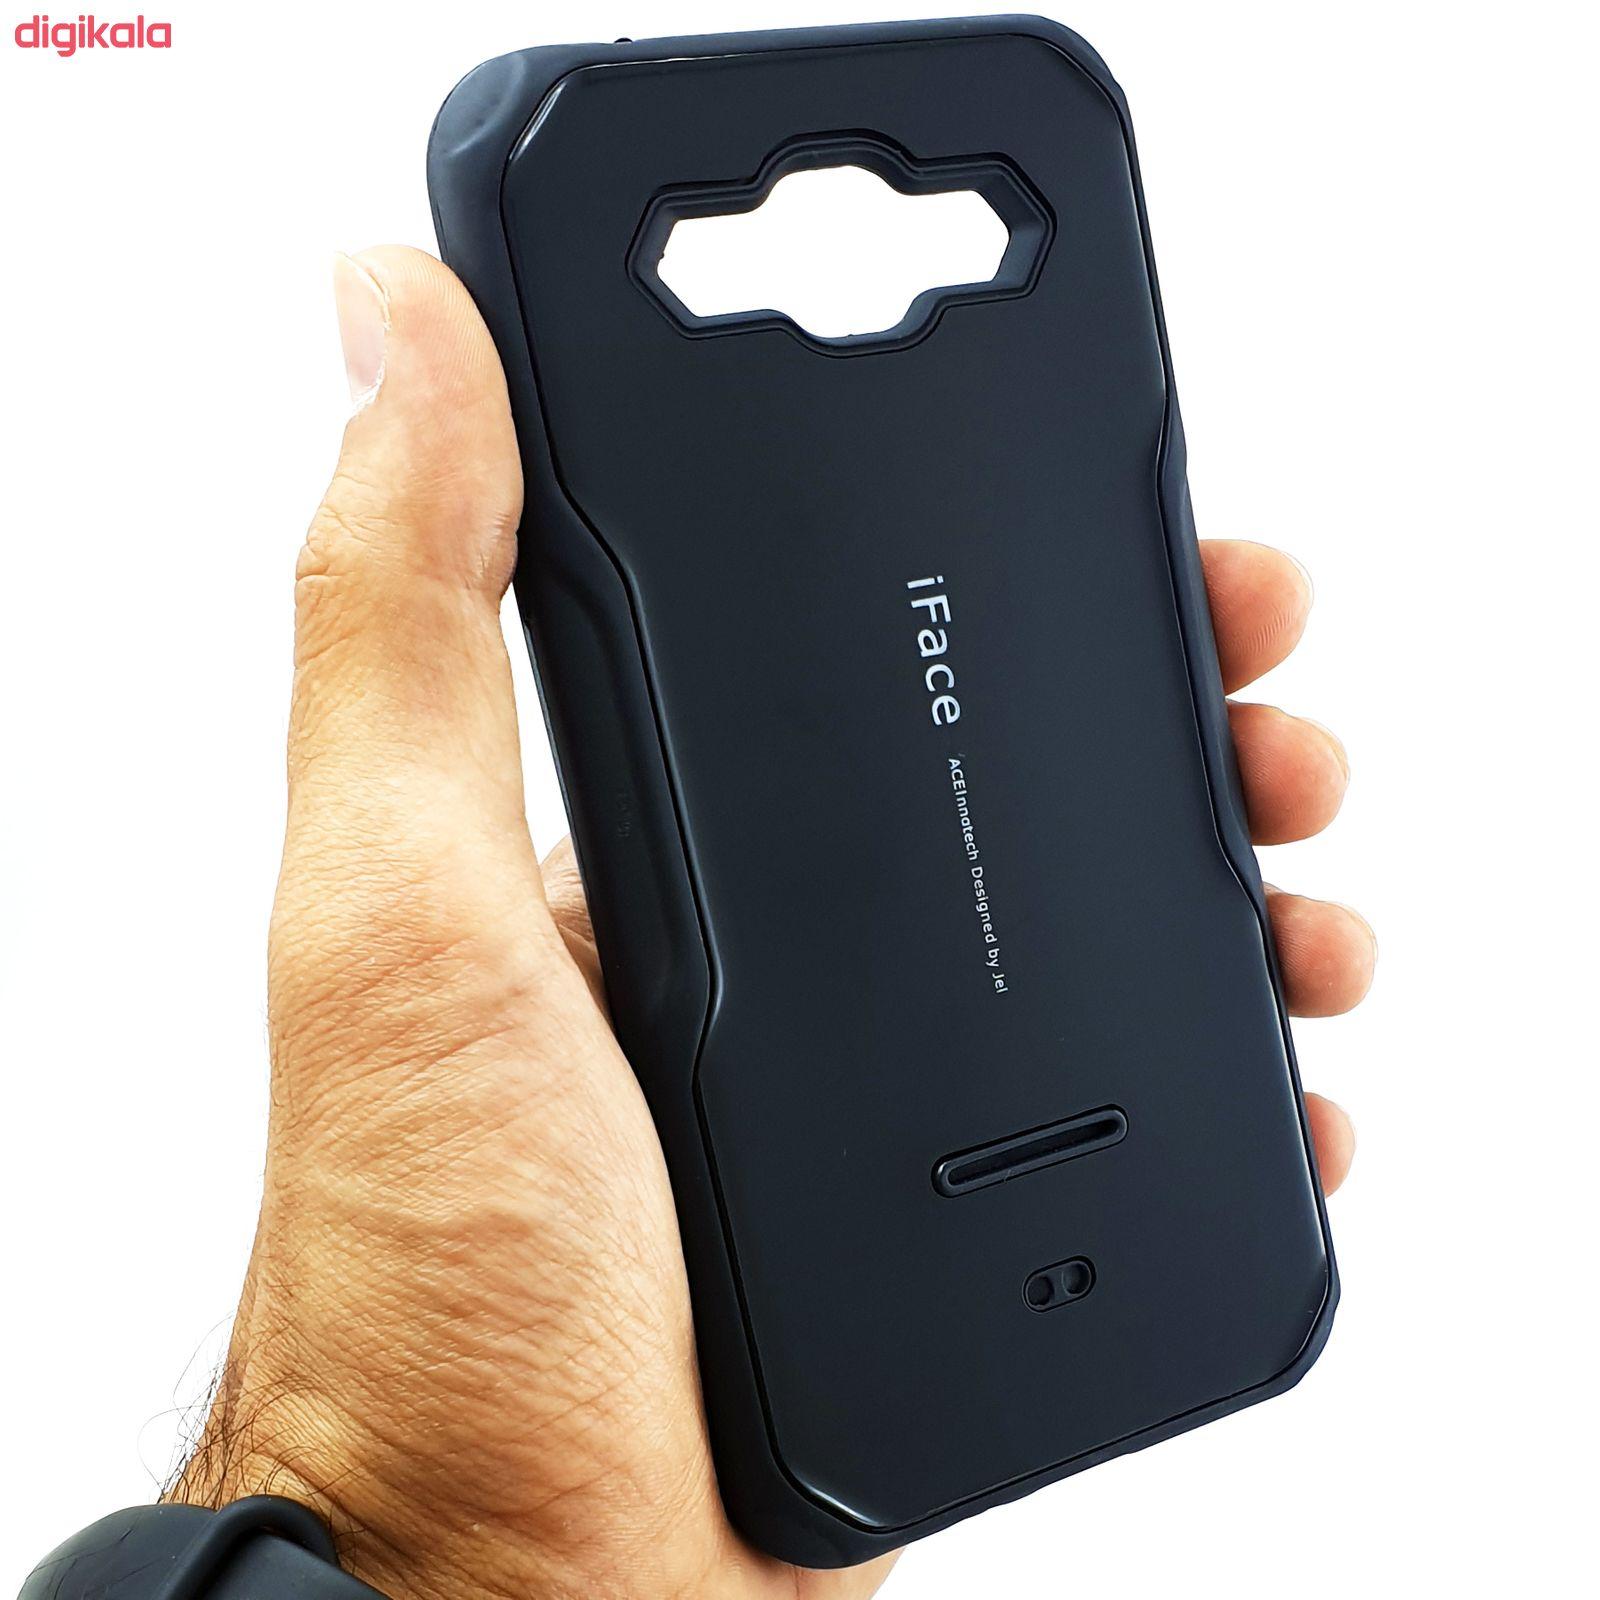 کاور مدل FC24 مناسب برای گوشی موبایل سامسونگ Galaxy E7 2015 / E700 main 1 2